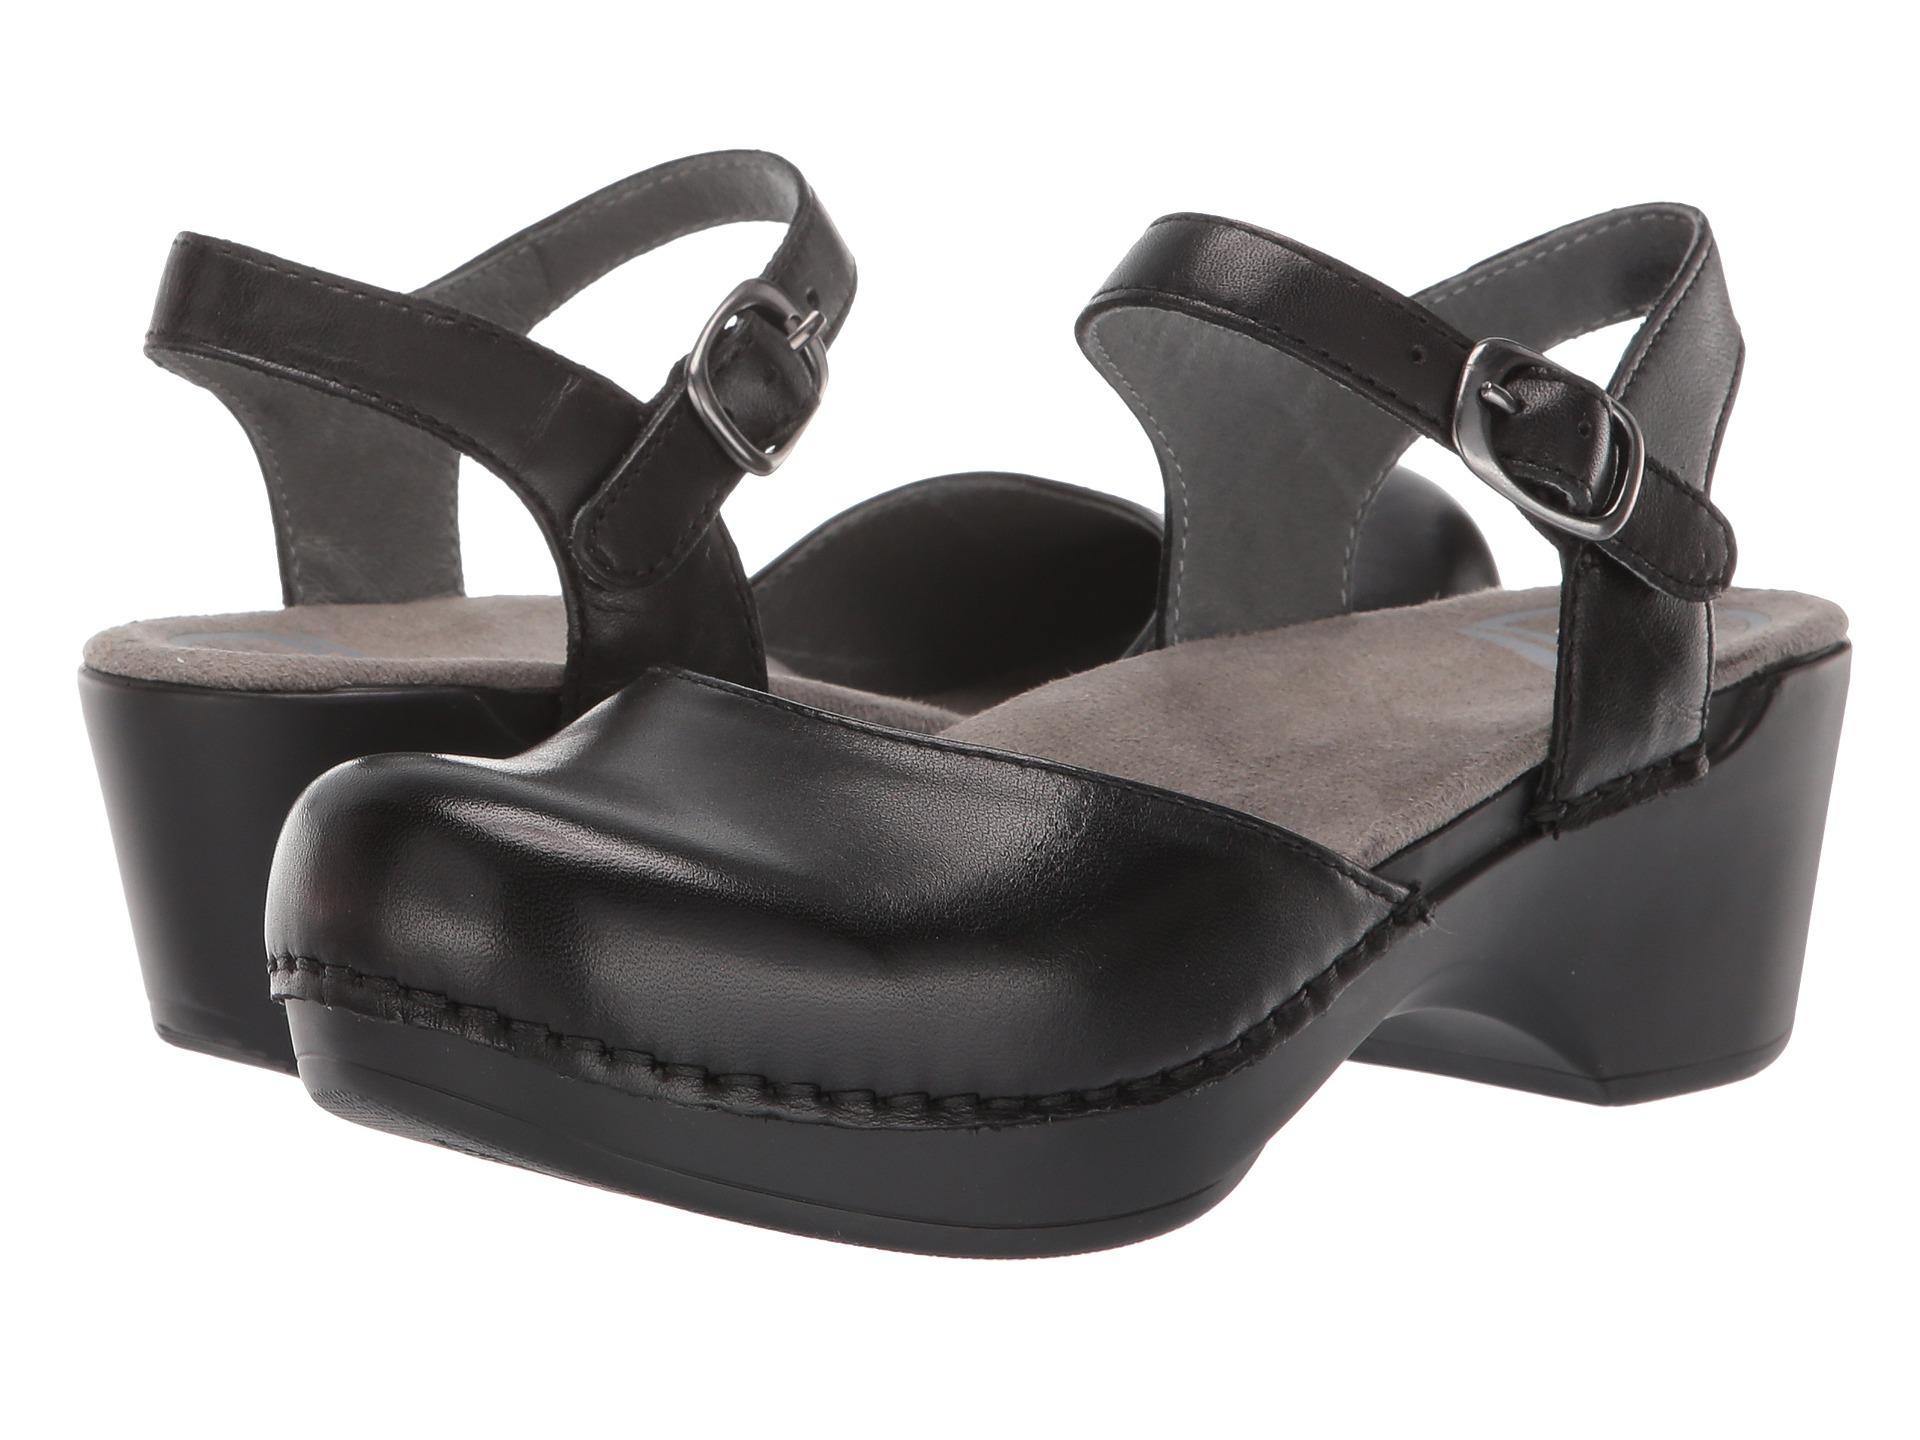 Dansko Shoes Cheapest Price